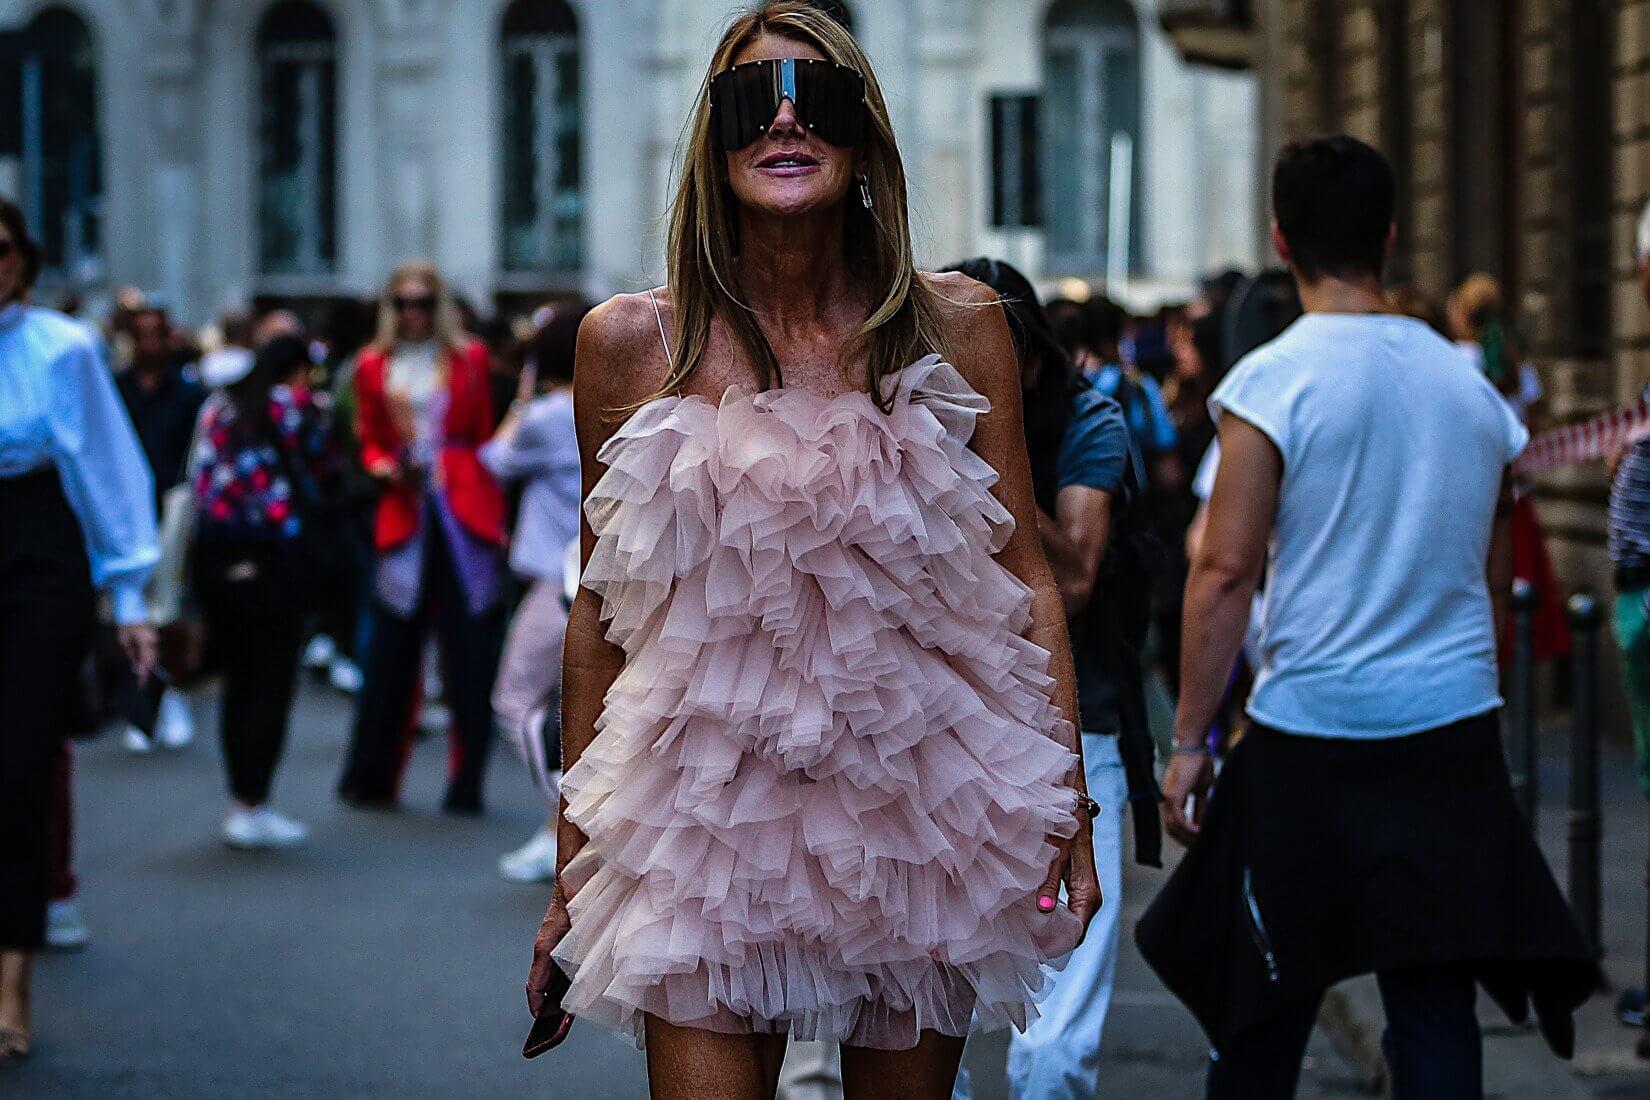 Lunettes de soleil masques : pourquoi pas avec une robe girly